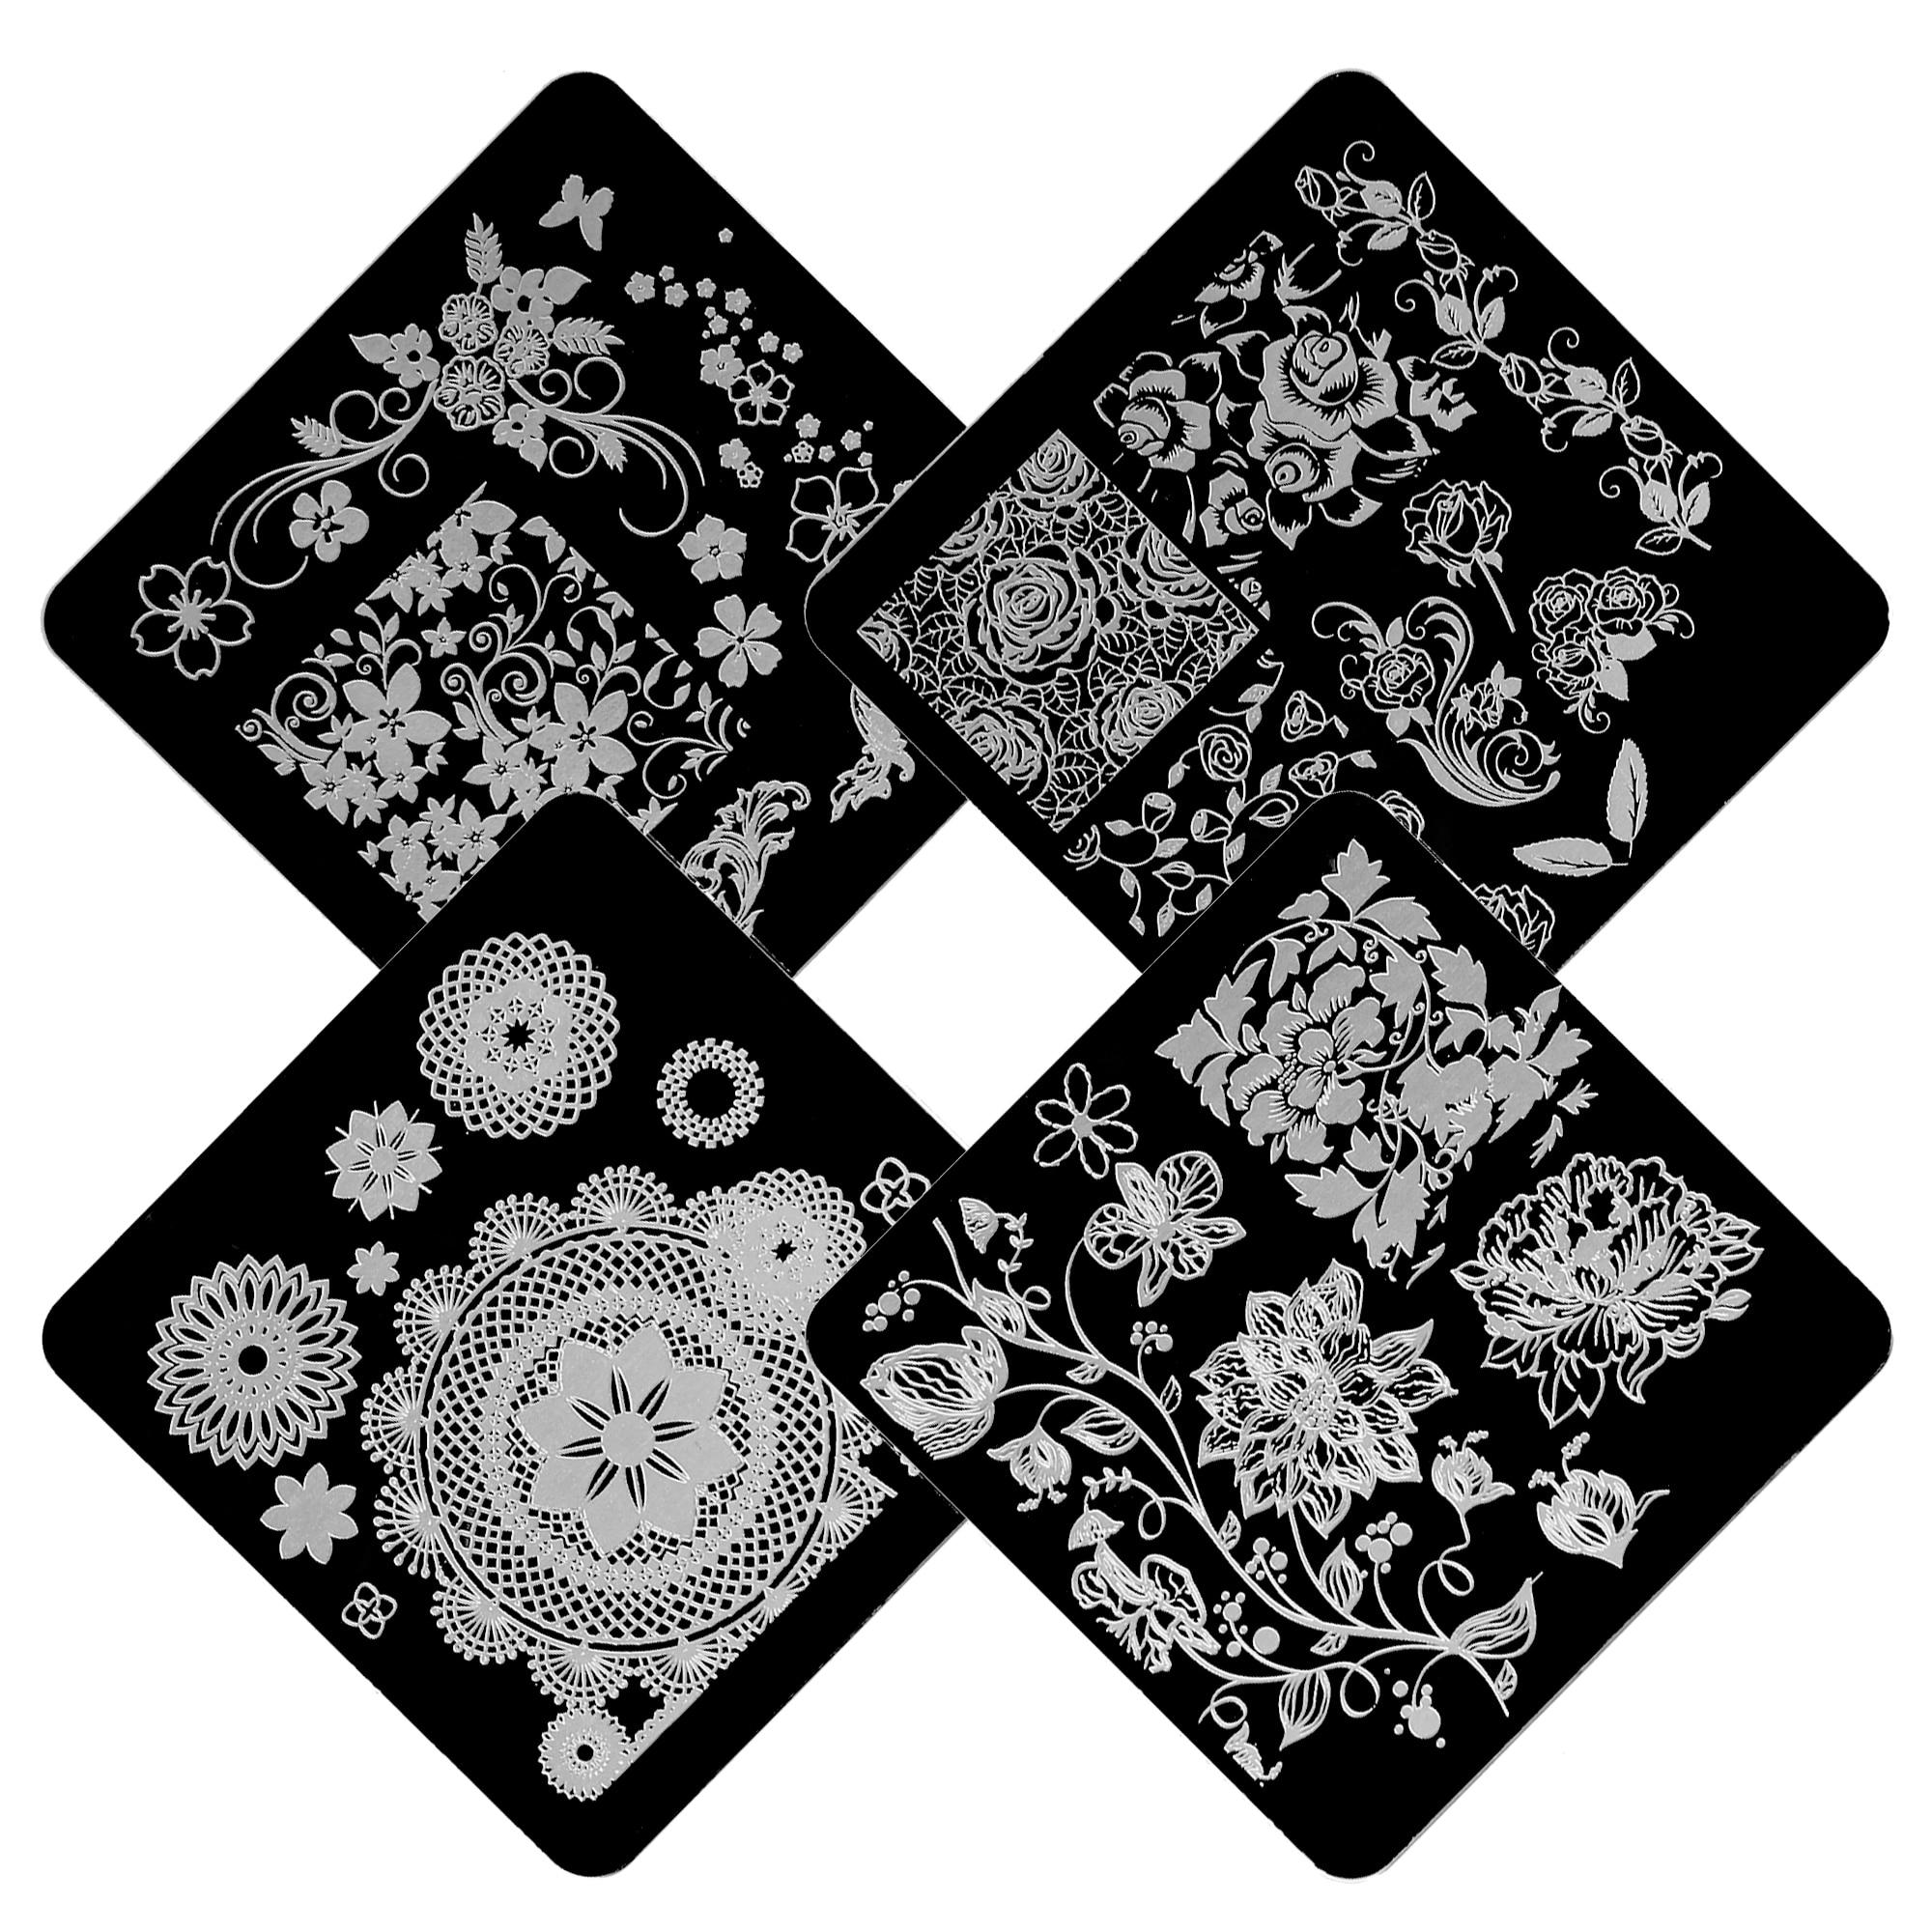 639 4 Unidsset Negro De Acero Inoxidable De Encaje Flor De Arte De Uñas De Placas Uñas Cuadradas Plantilla Polaco Imagen Diseños Sello De Esmalte